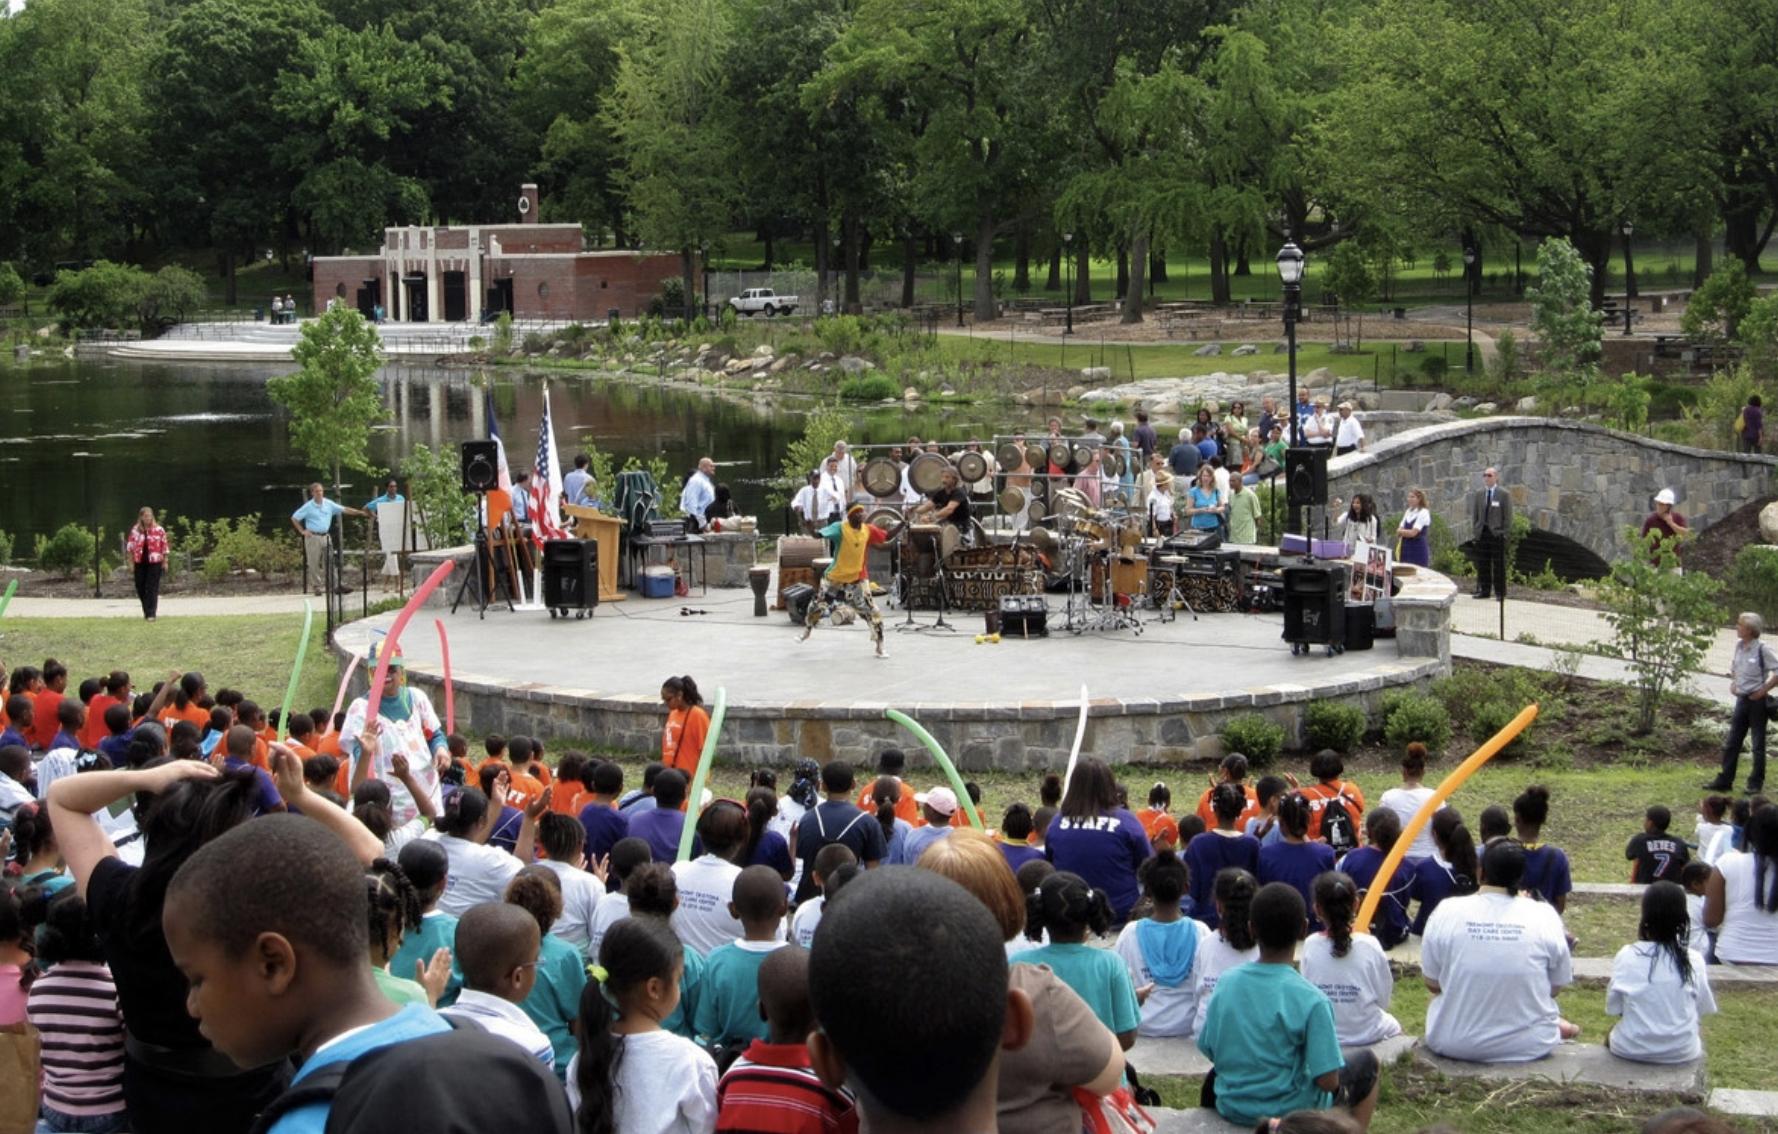 Crotona Park Amphitheater, Bronx, NY